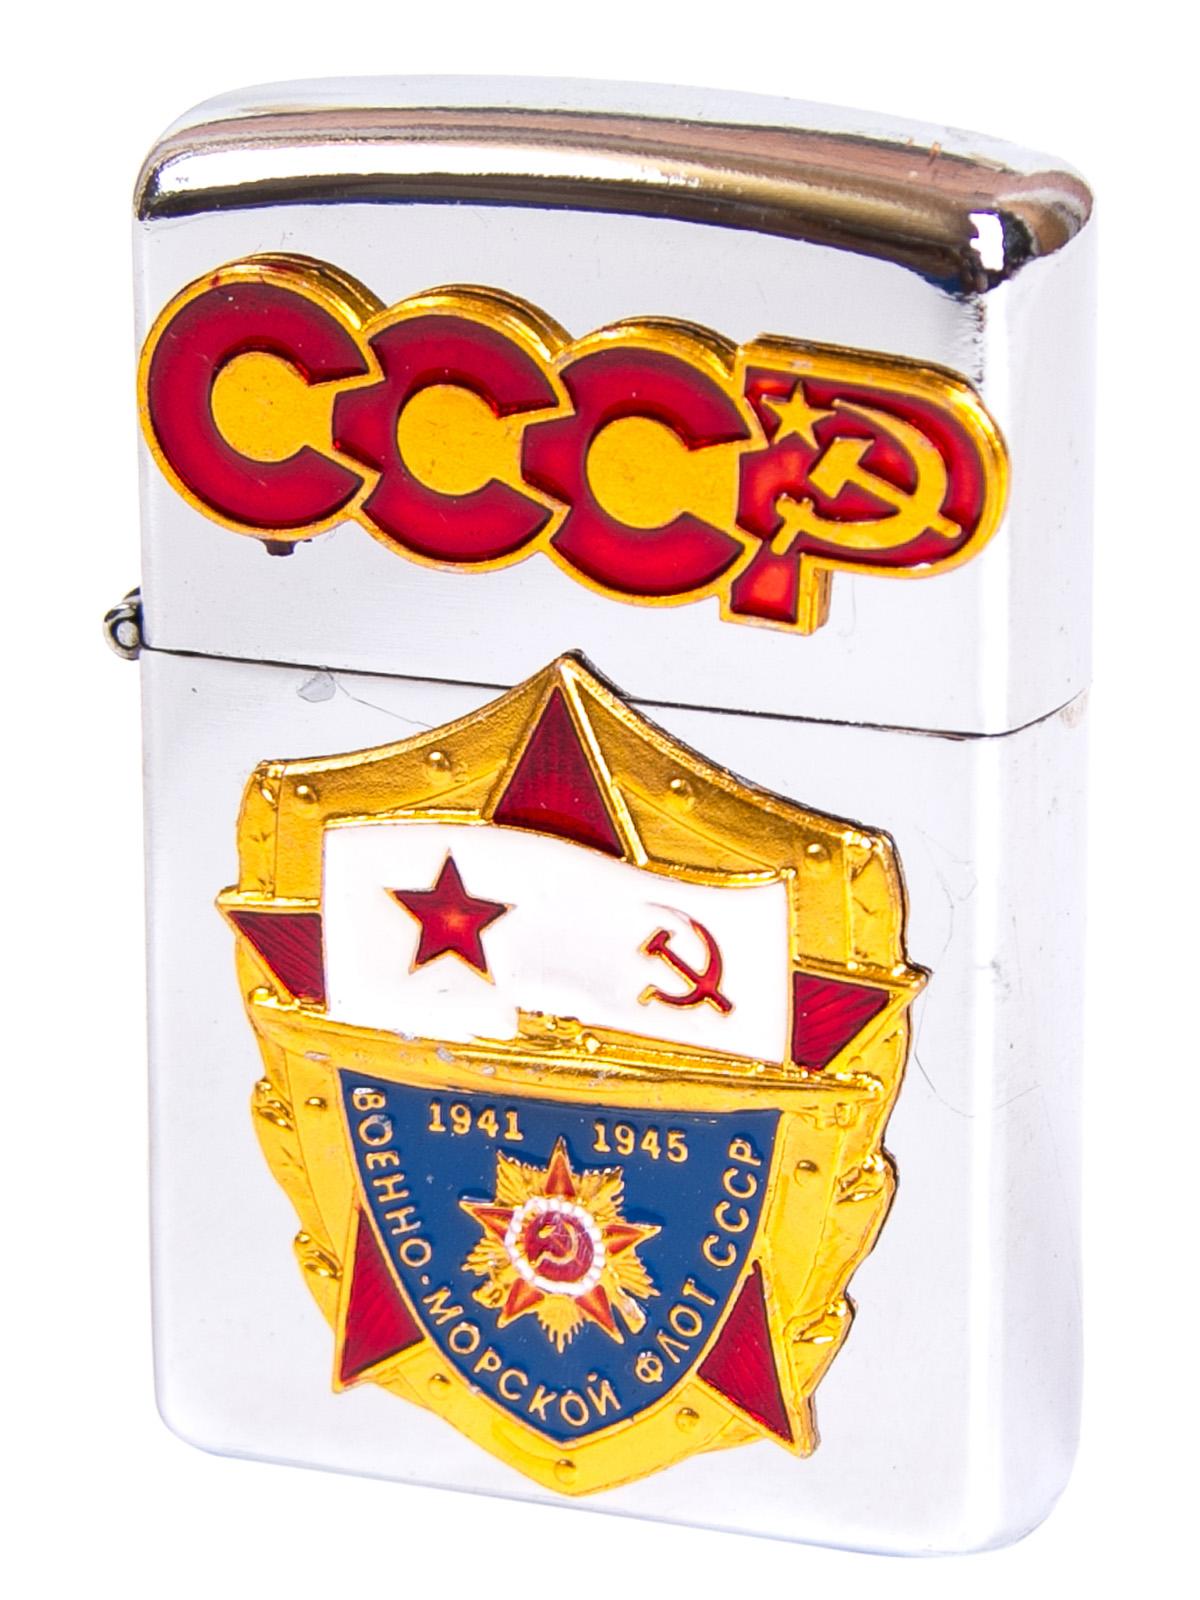 Безотказная бензиновая зажигалка ВМФ СССР